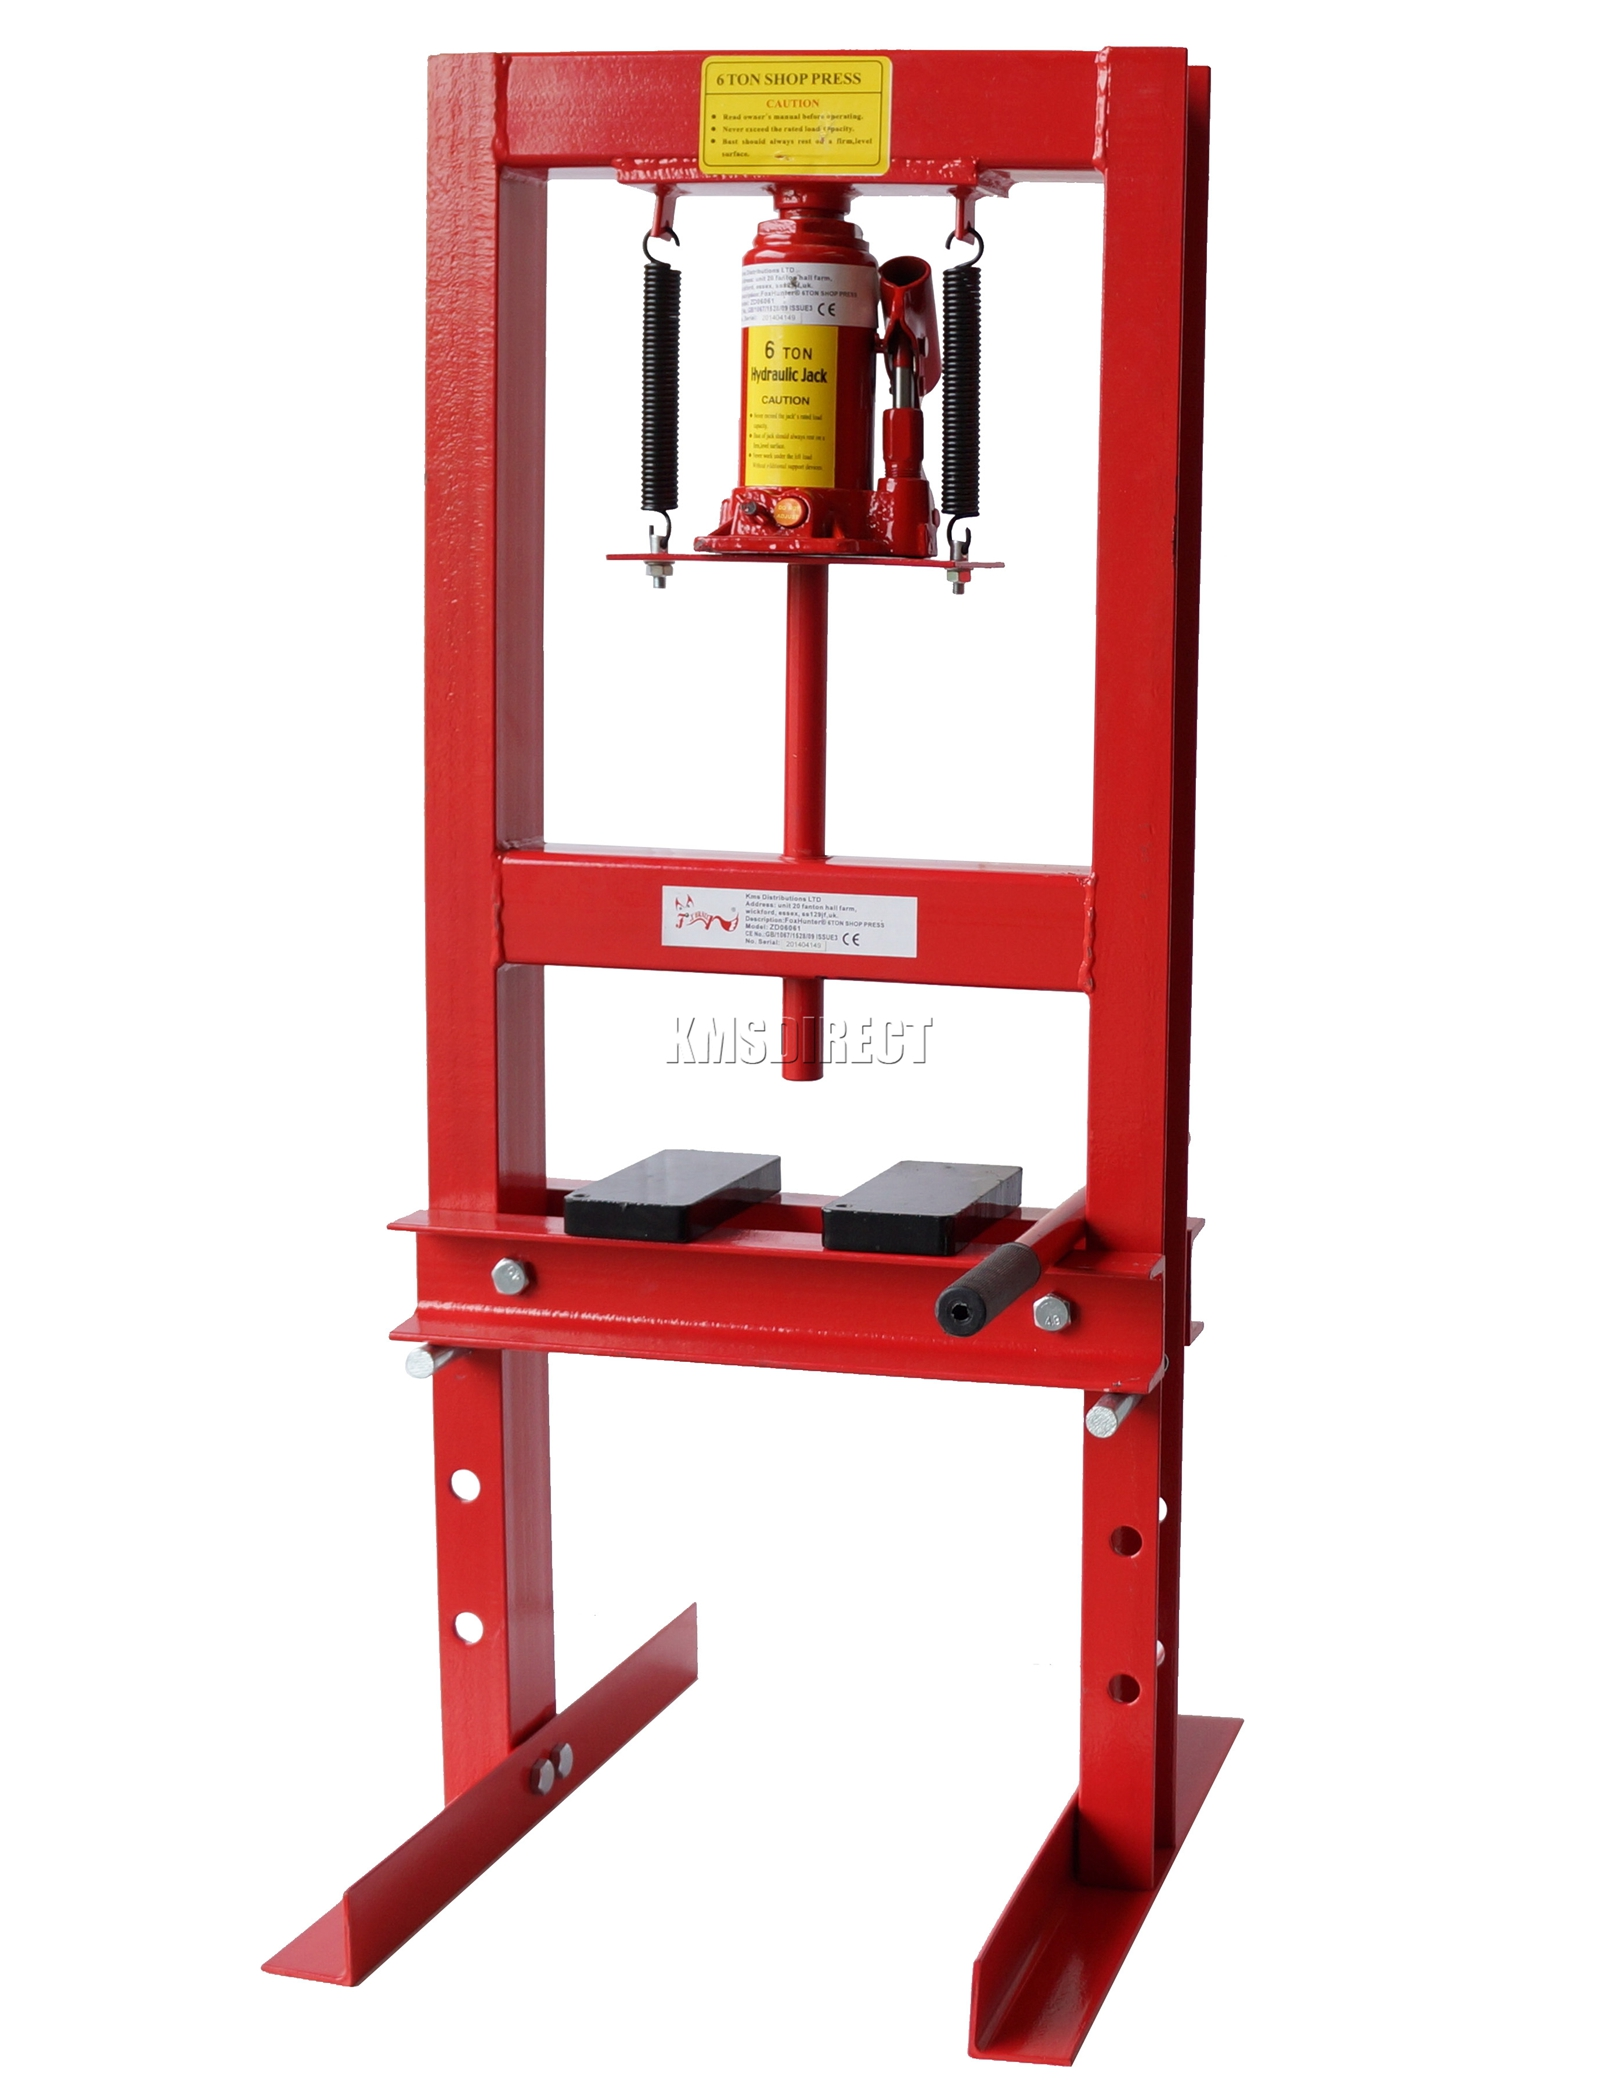 6 Ton Industrial Hydraulic Workshop Garage Shop Press Ebay